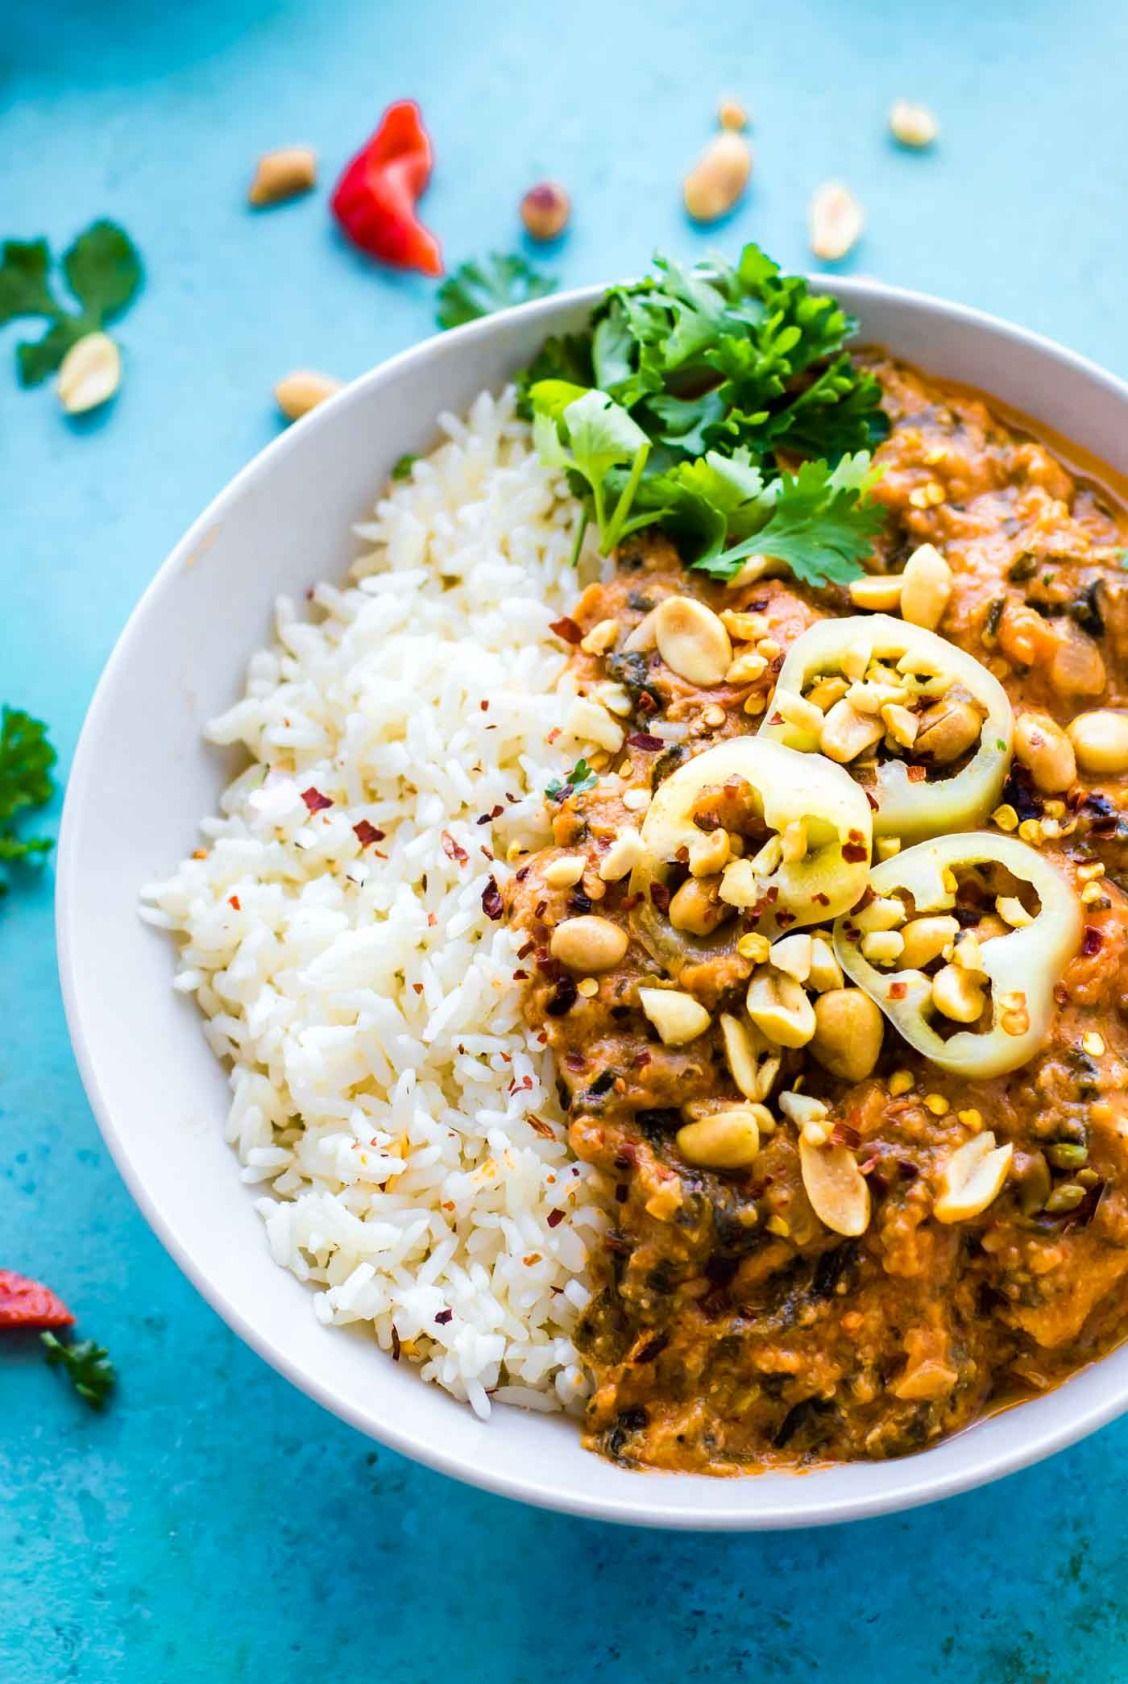 Fiery west african peanut stew crockpot stew recipe